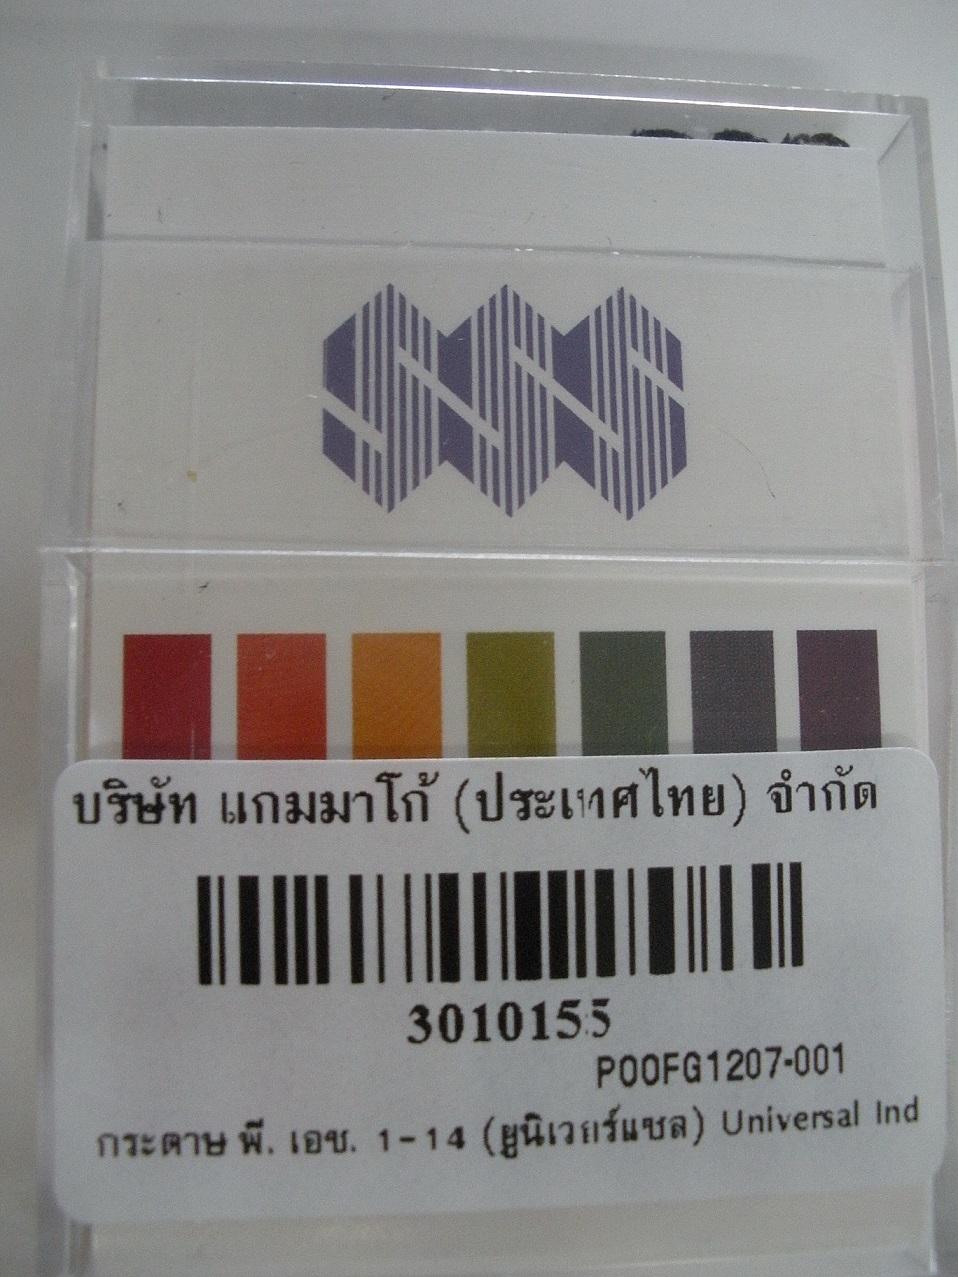 กระดาษลิตมัส วัดค่าความเป็นกรดด่าง (Litmus paper pack)